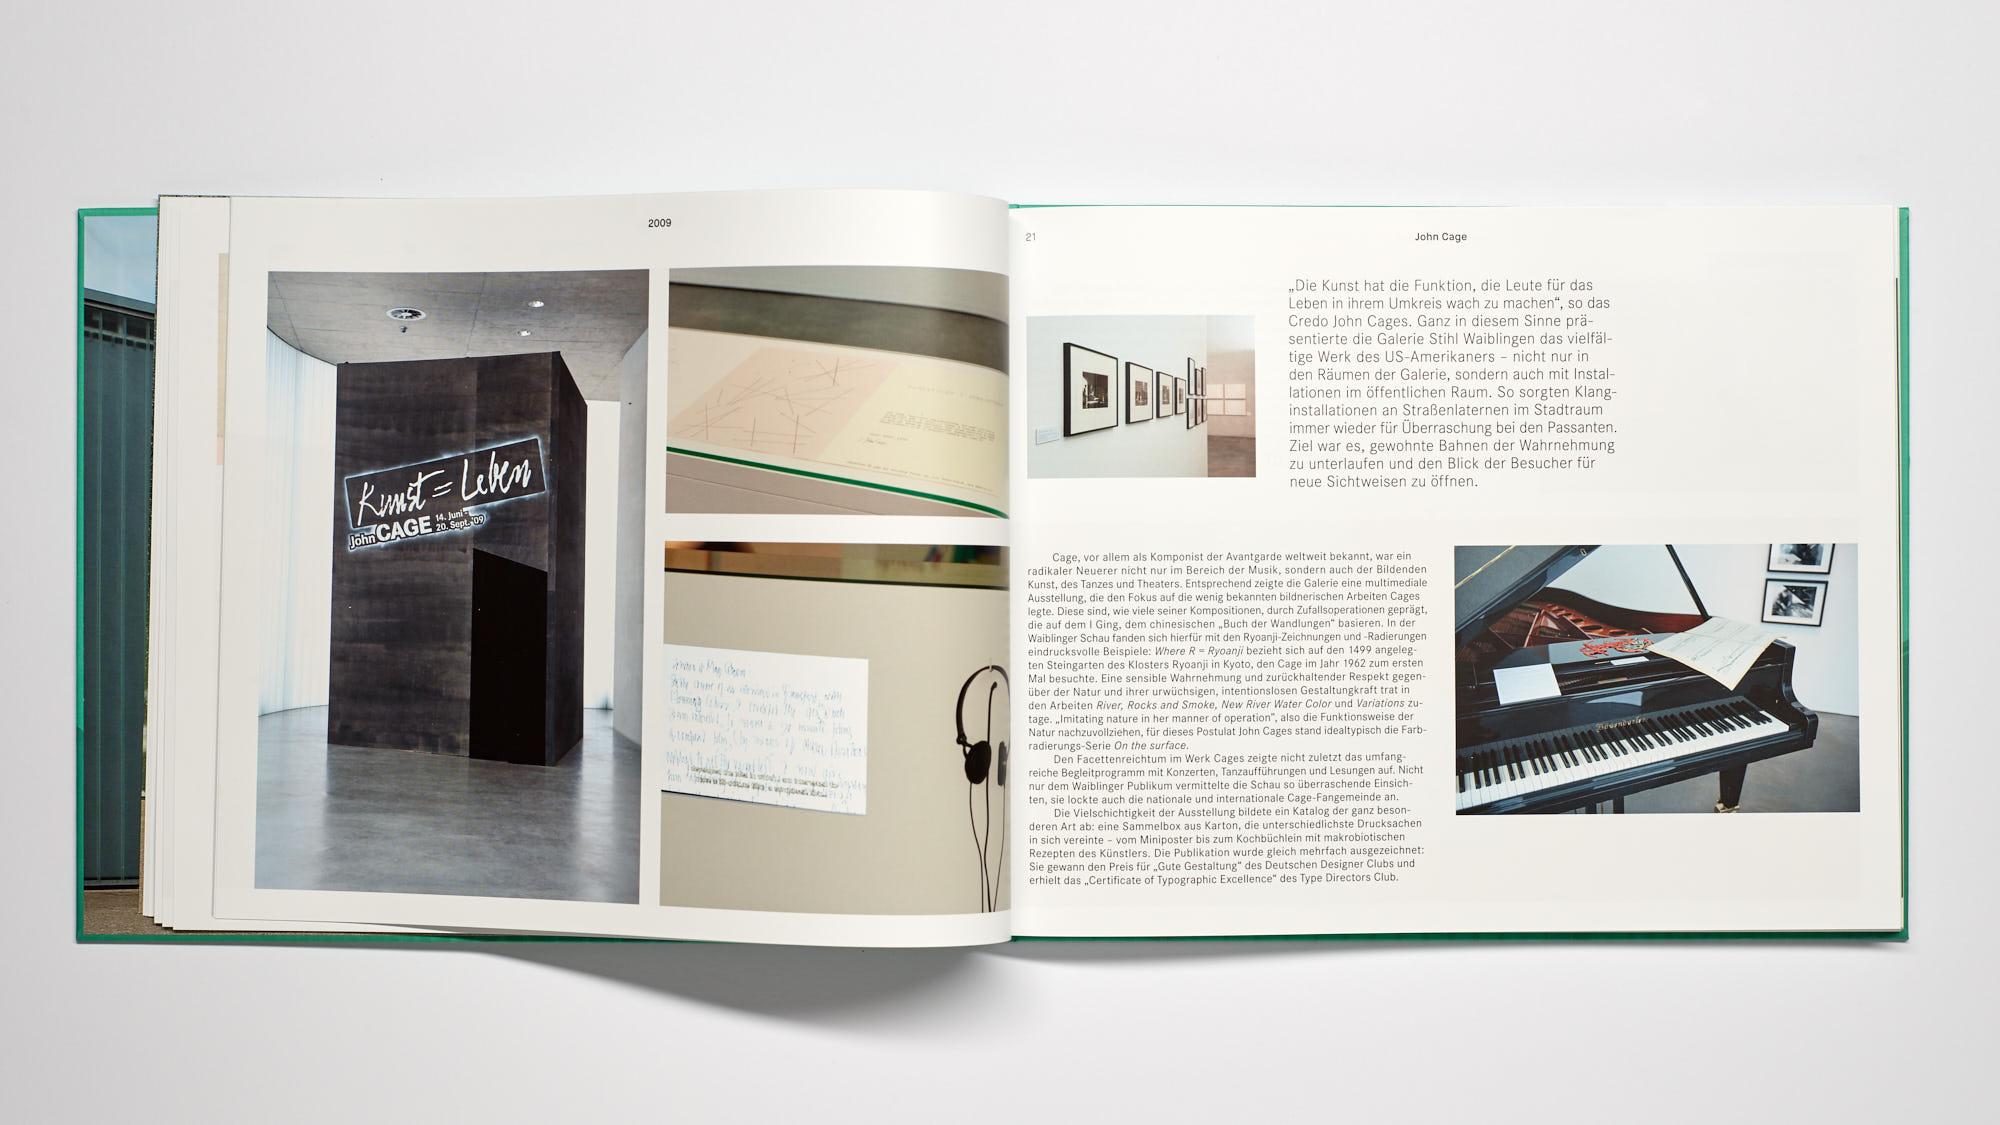 Stihl Galerie WN Cage - 10 Jahre Galerie Stihl Waiblingen